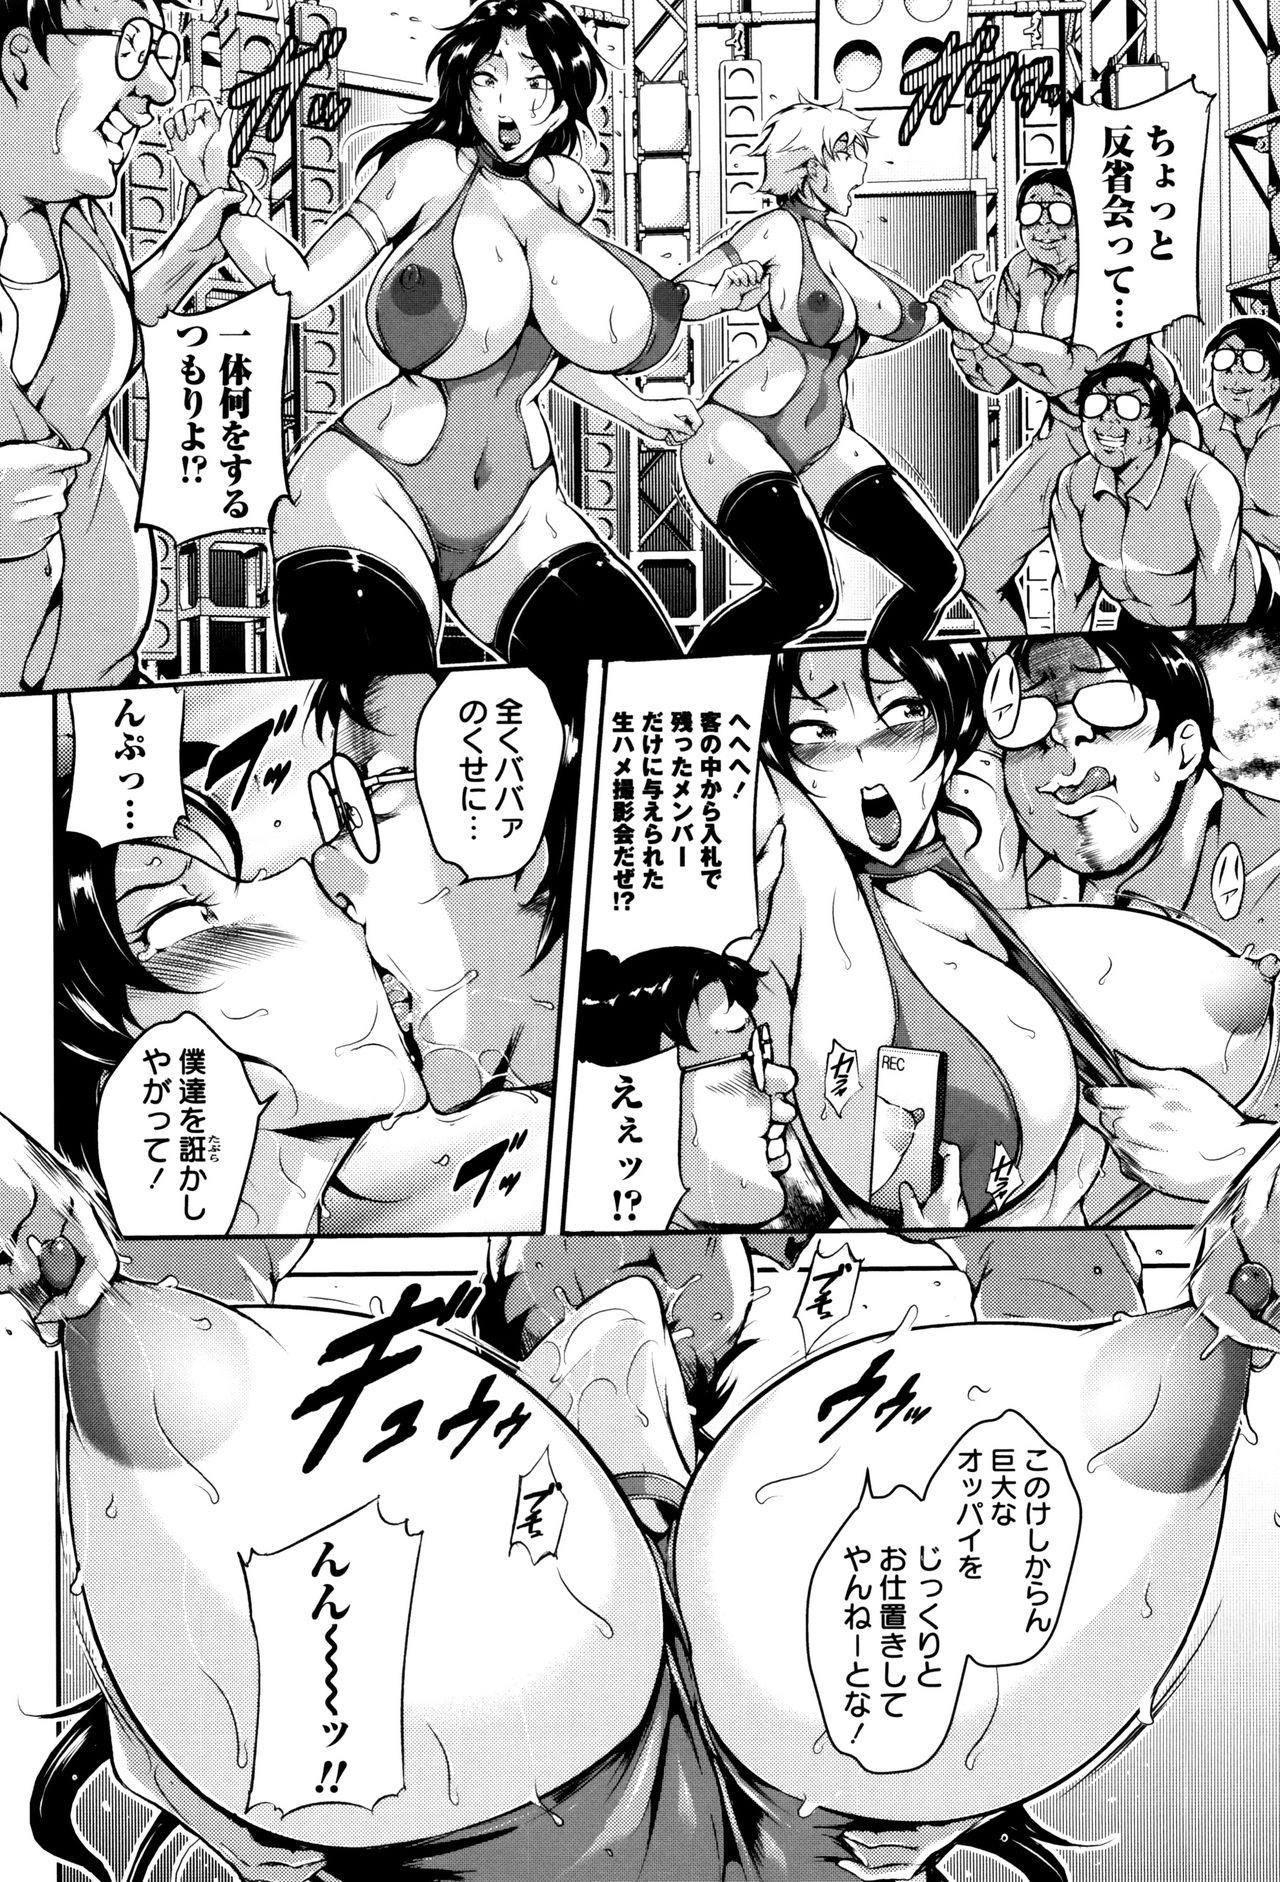 Ero BBA ♥ Dosukebe Ha Sengen 59